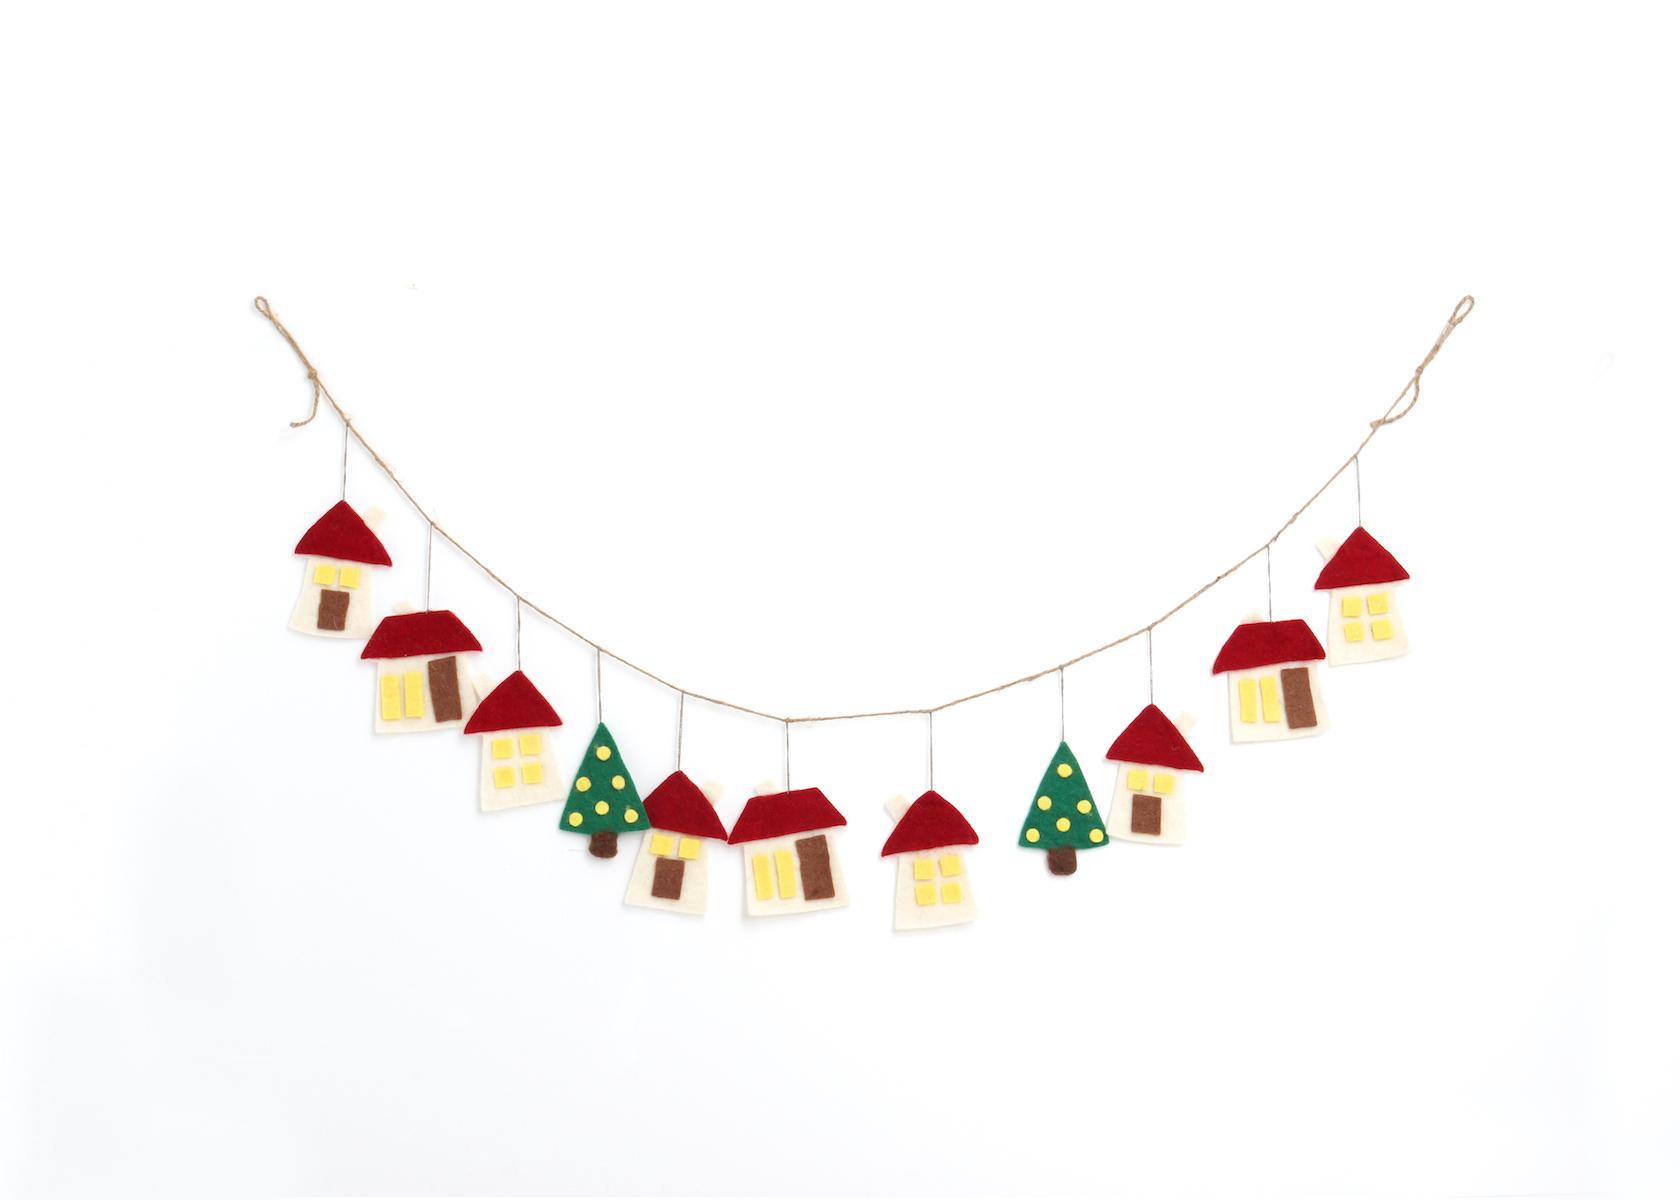 驚きの値段で 温かみのあるウールフェルトをひとつひとつ心をこめて手作りしたクリスマス オーナメント達 merry ハウスガーラント ウール100% [宅送] カラー:RED